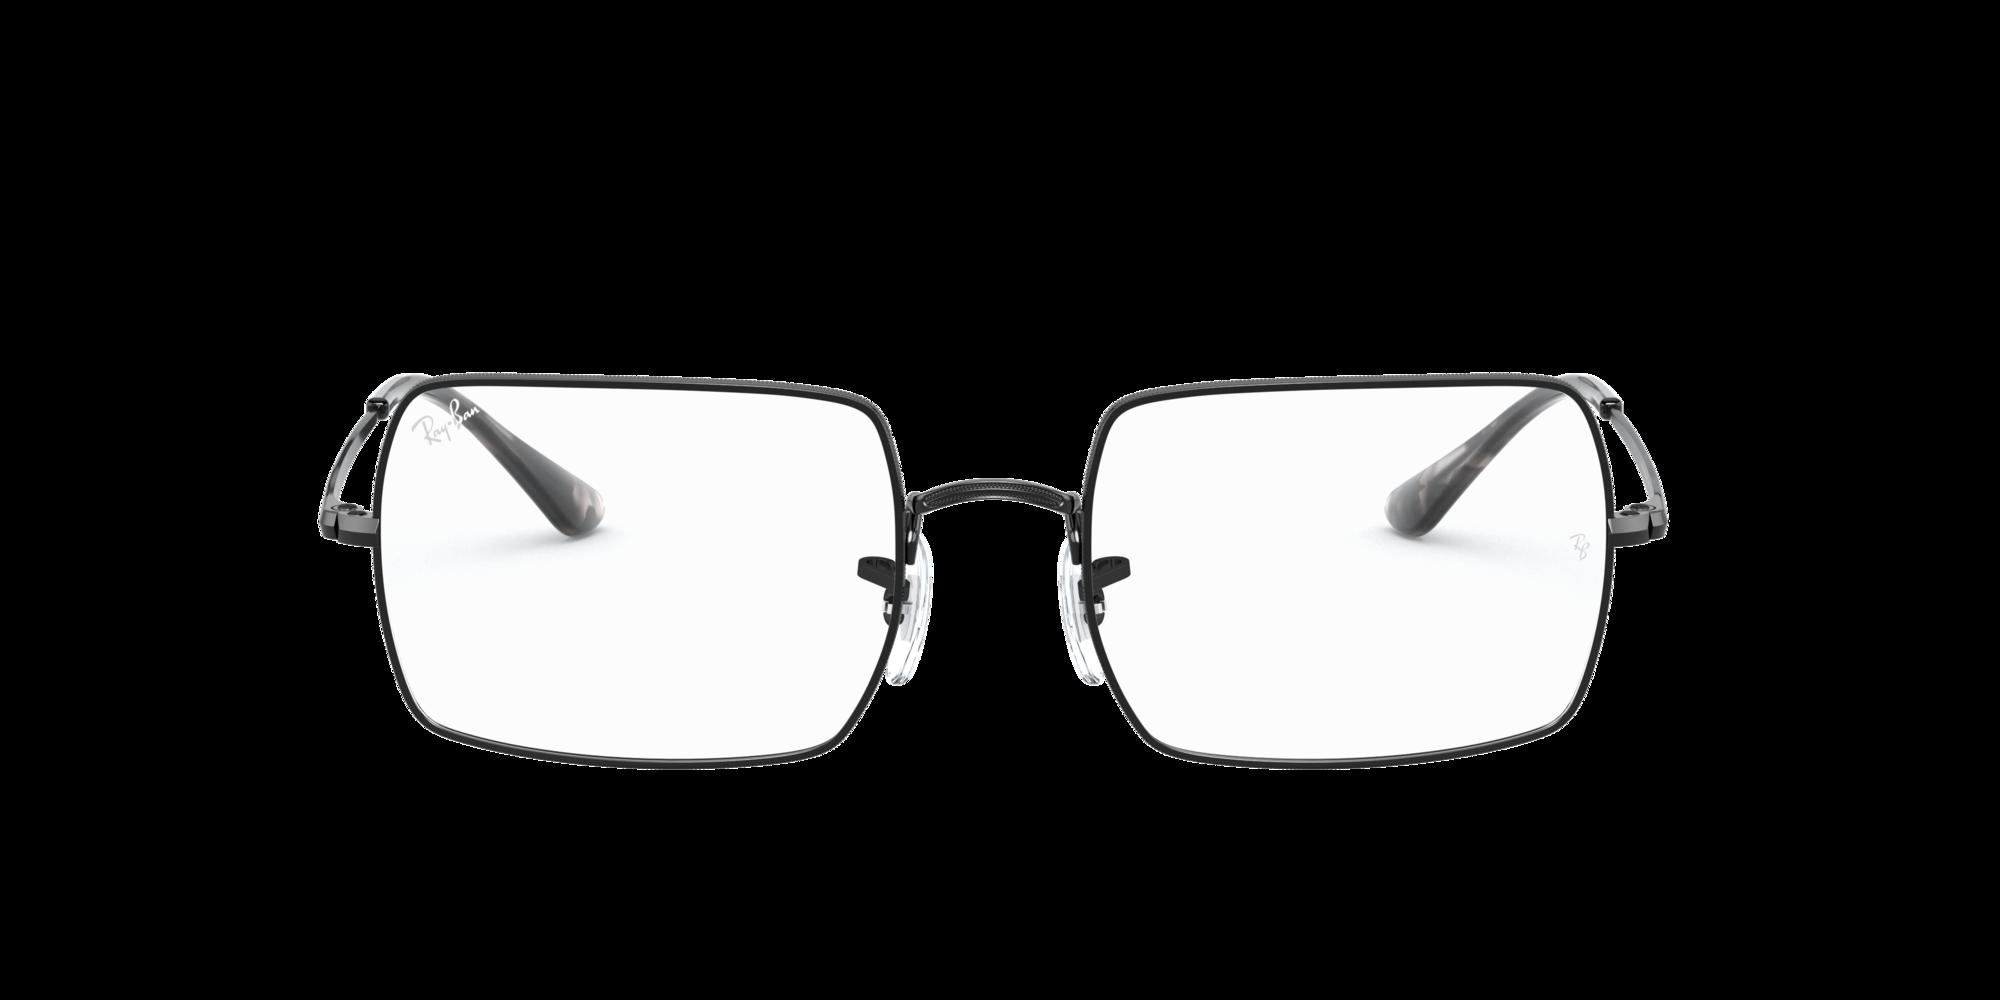 Imagen para RX1969V de LensCrafters |  Espejuelos, espejuelos graduados en línea, gafas